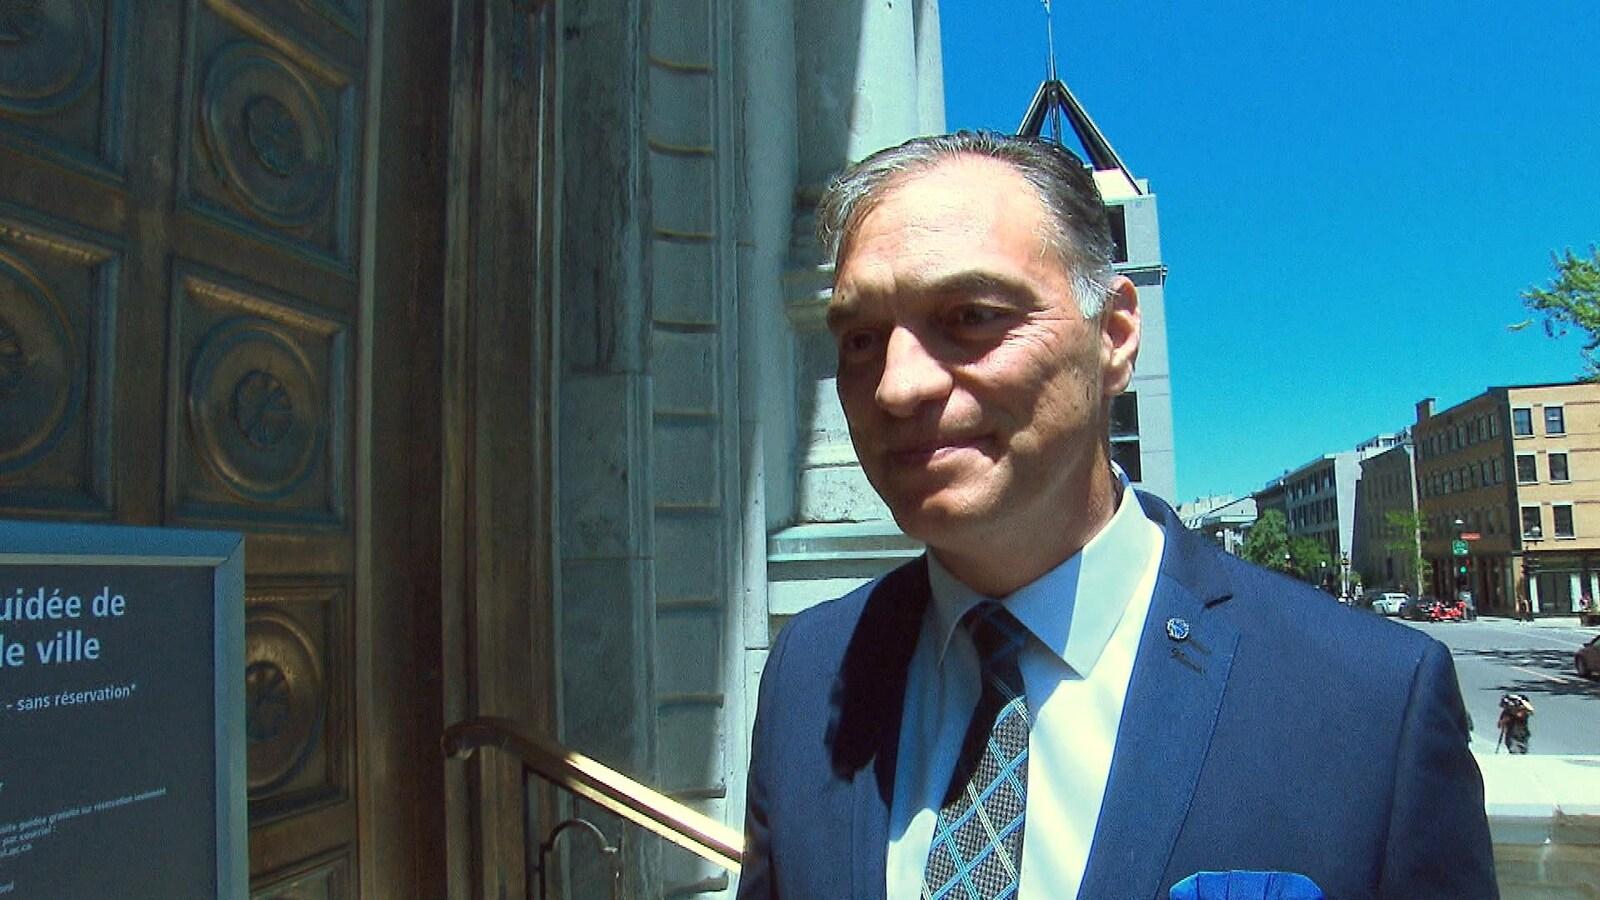 M. Pichet sur le parvis de l'hôtel de ville.